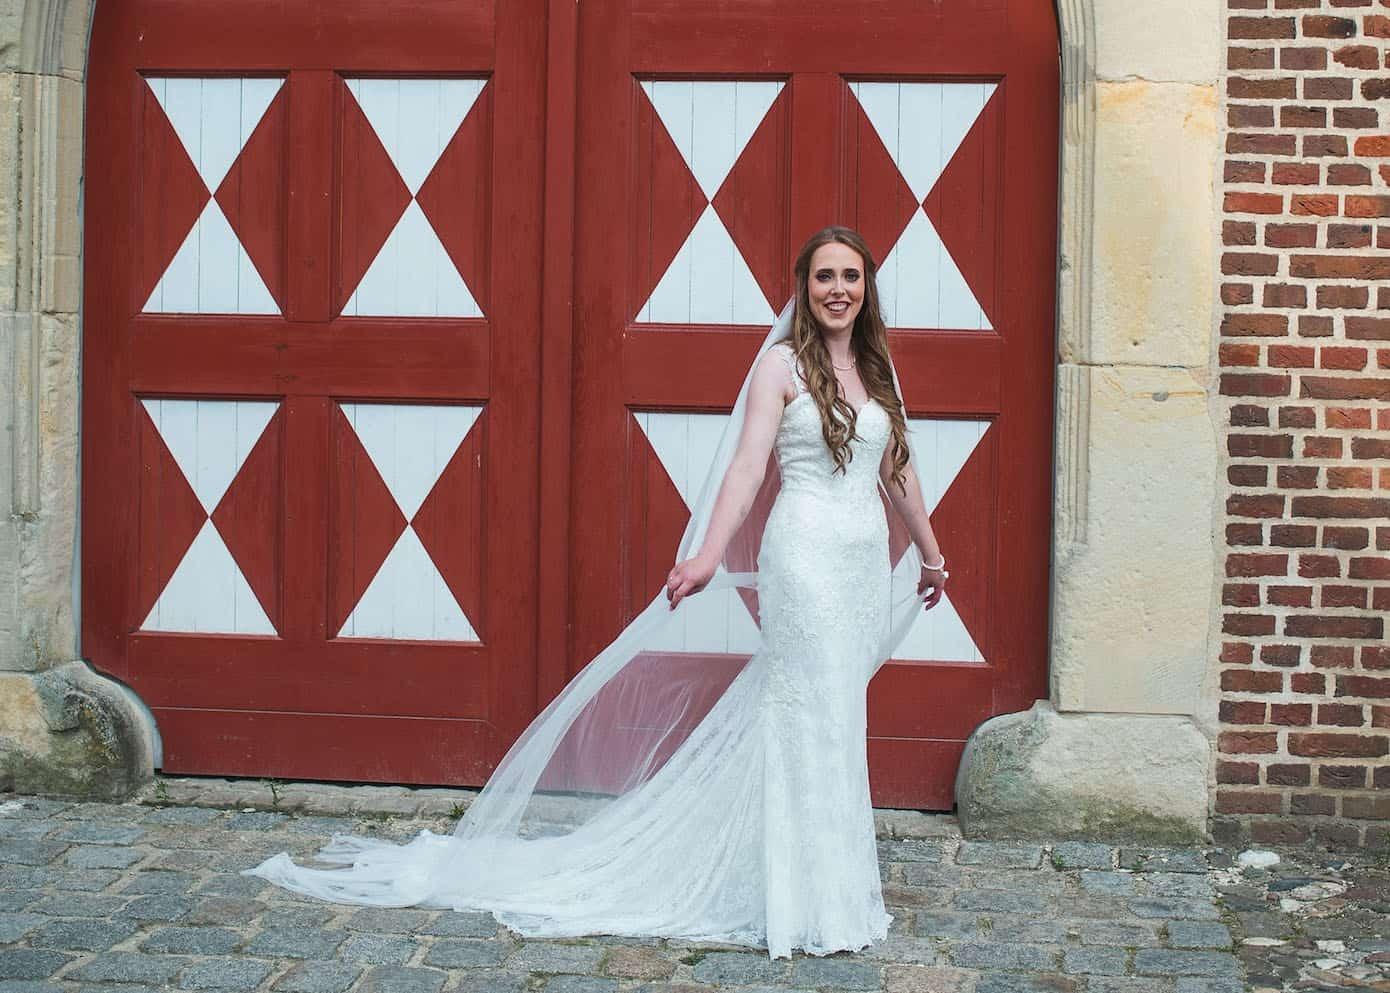 Hochzeit von Katharina und Mustafa in Münster: Die Braut